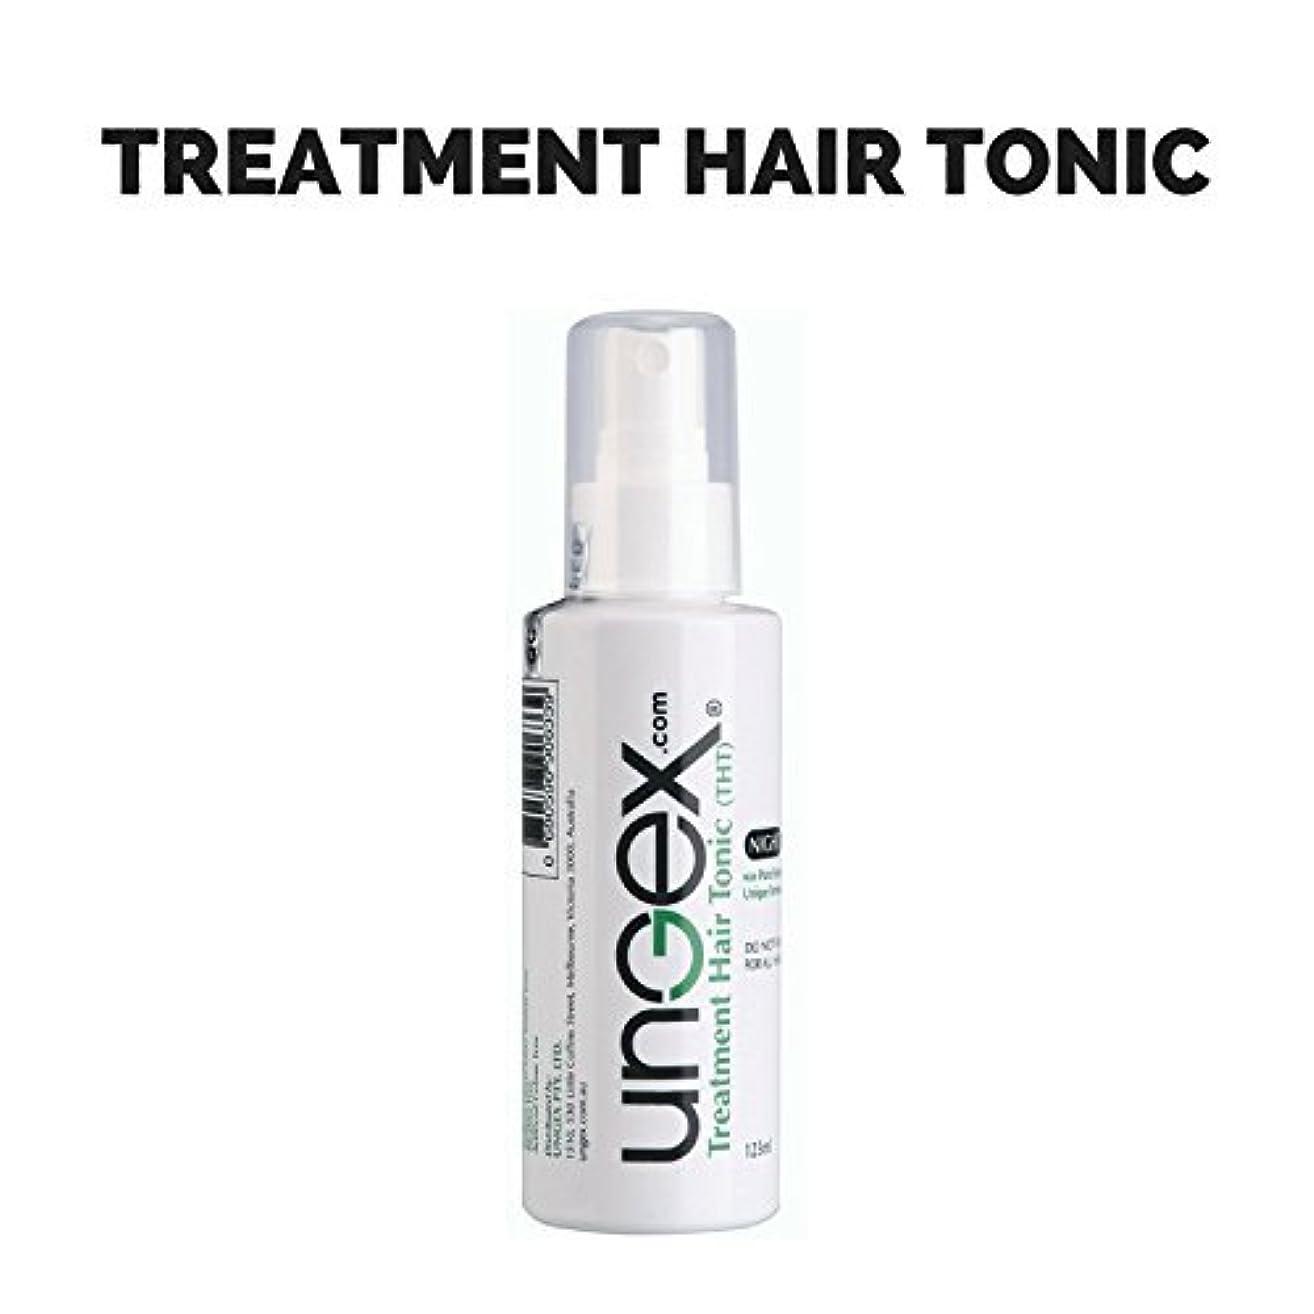 幻滅アクセシブル斧Treatment Hair Tonic - Protect Scalp and Soothe Itching from Demodex Mites